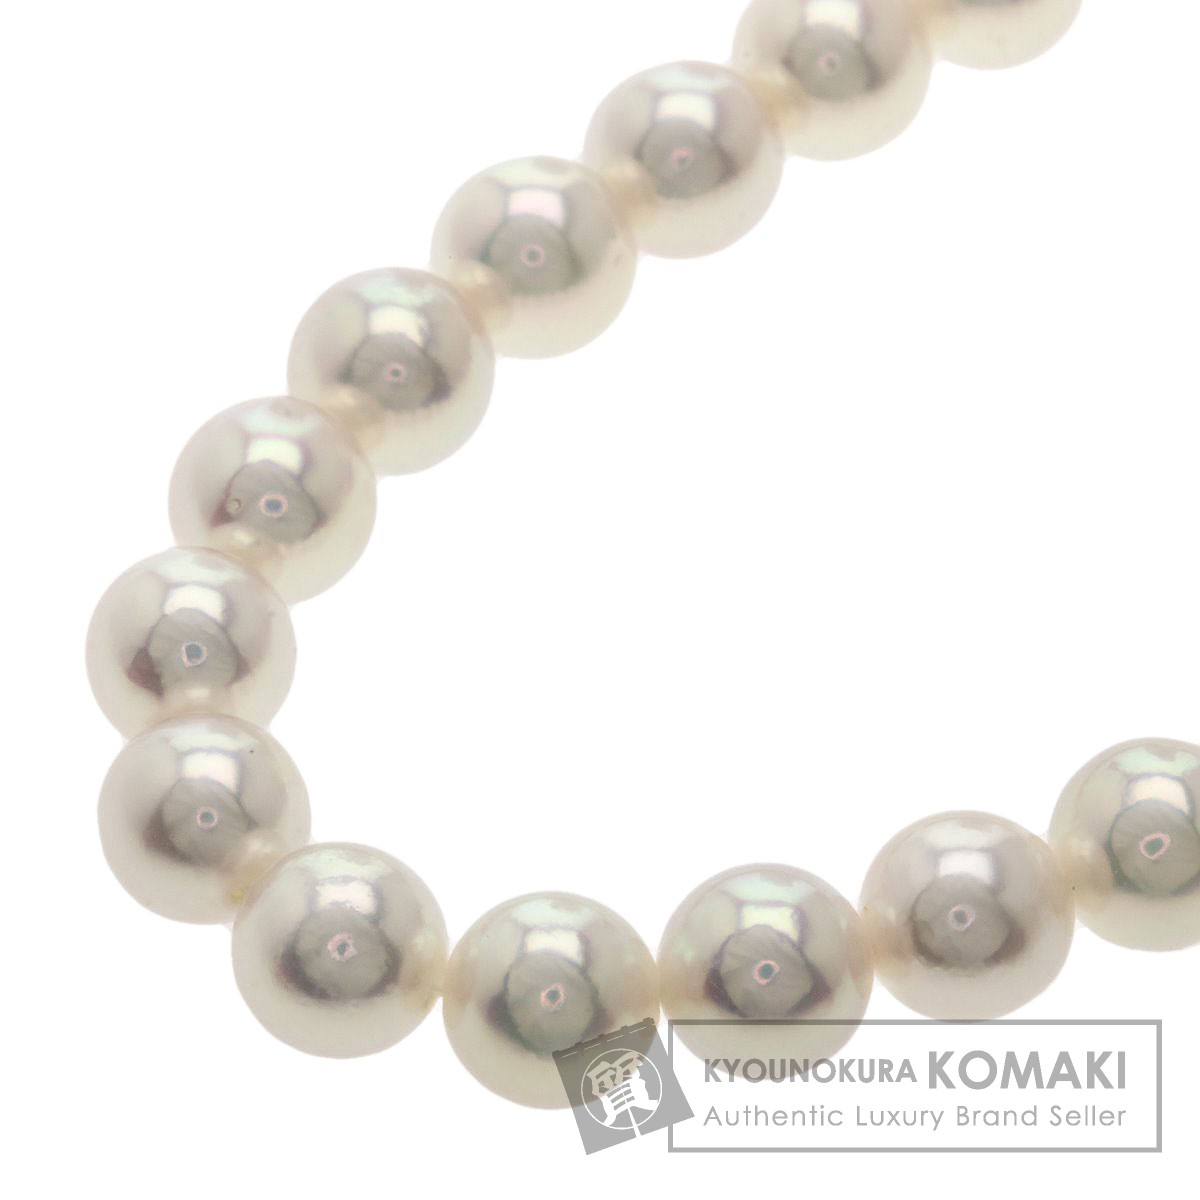 大月 真珠 アコヤパール ネックレス K18ホワイトゴールド 19.2g レディース 【中古】